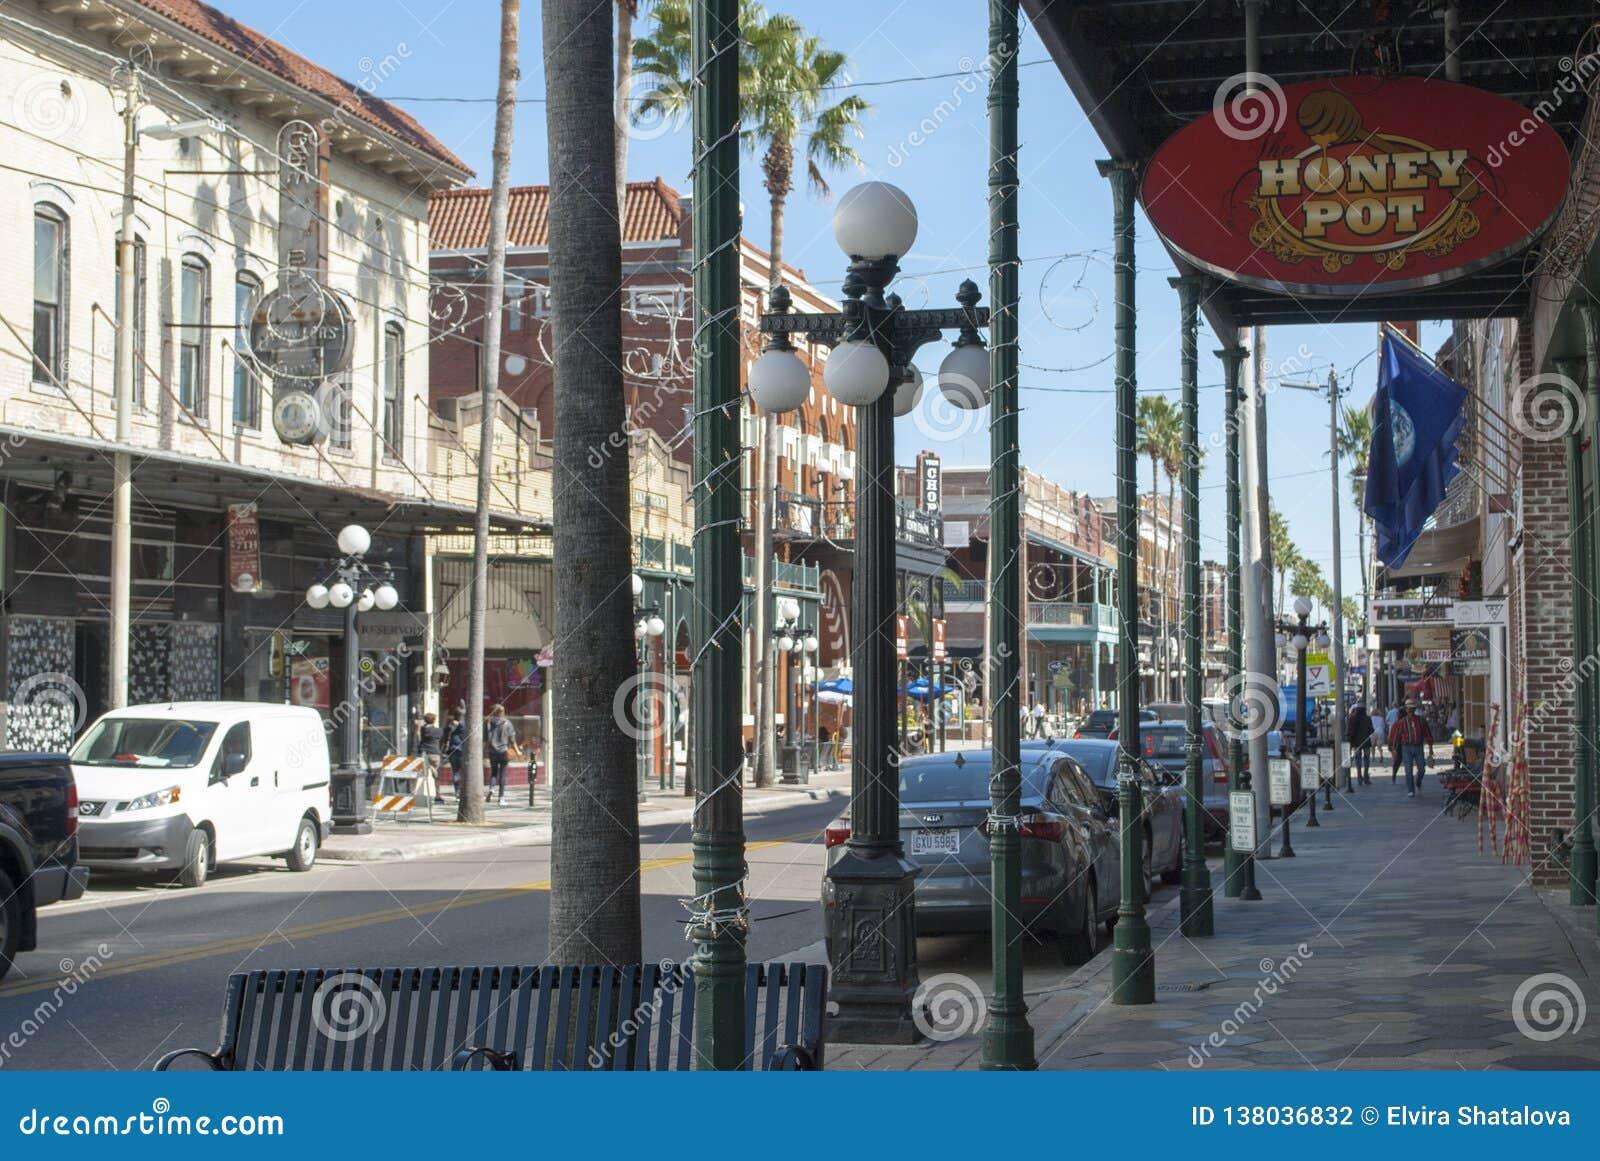 Тампа, улица города Ybor известная седьмая с магазинами, ресторанами, автомобилями, идти людей